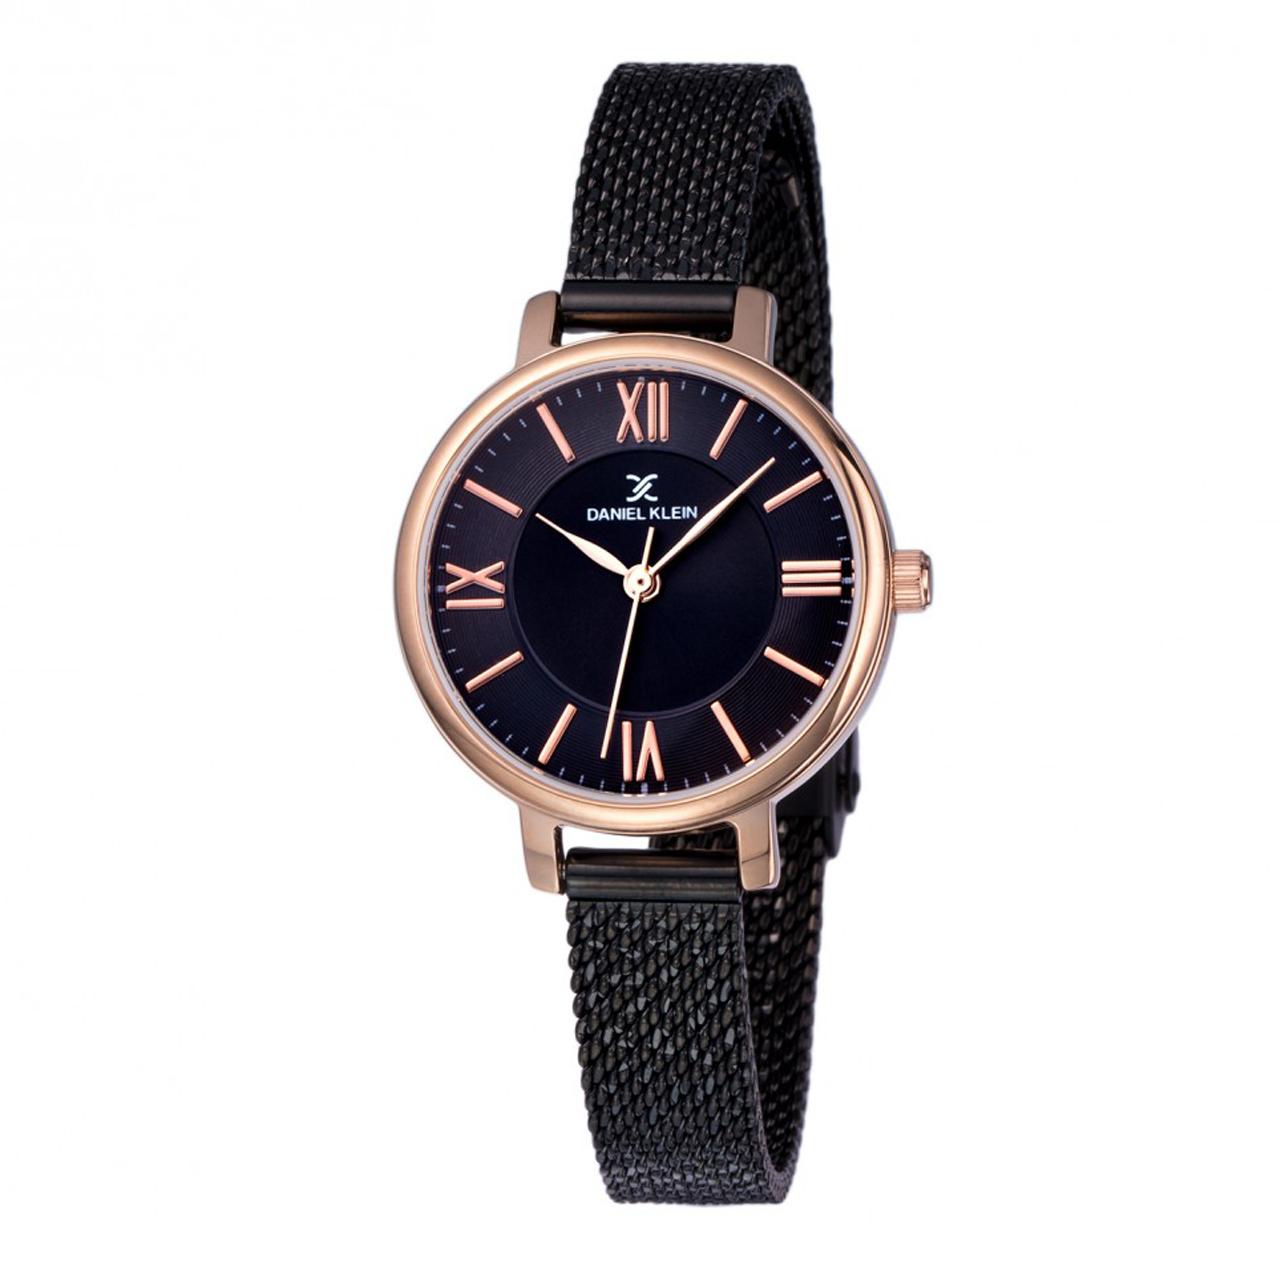 ساعت مچی عقربه ای زنانه دنیل کلین مدل DK11897-6 به همراه دستمال مخصوص برند کلین واچ 3